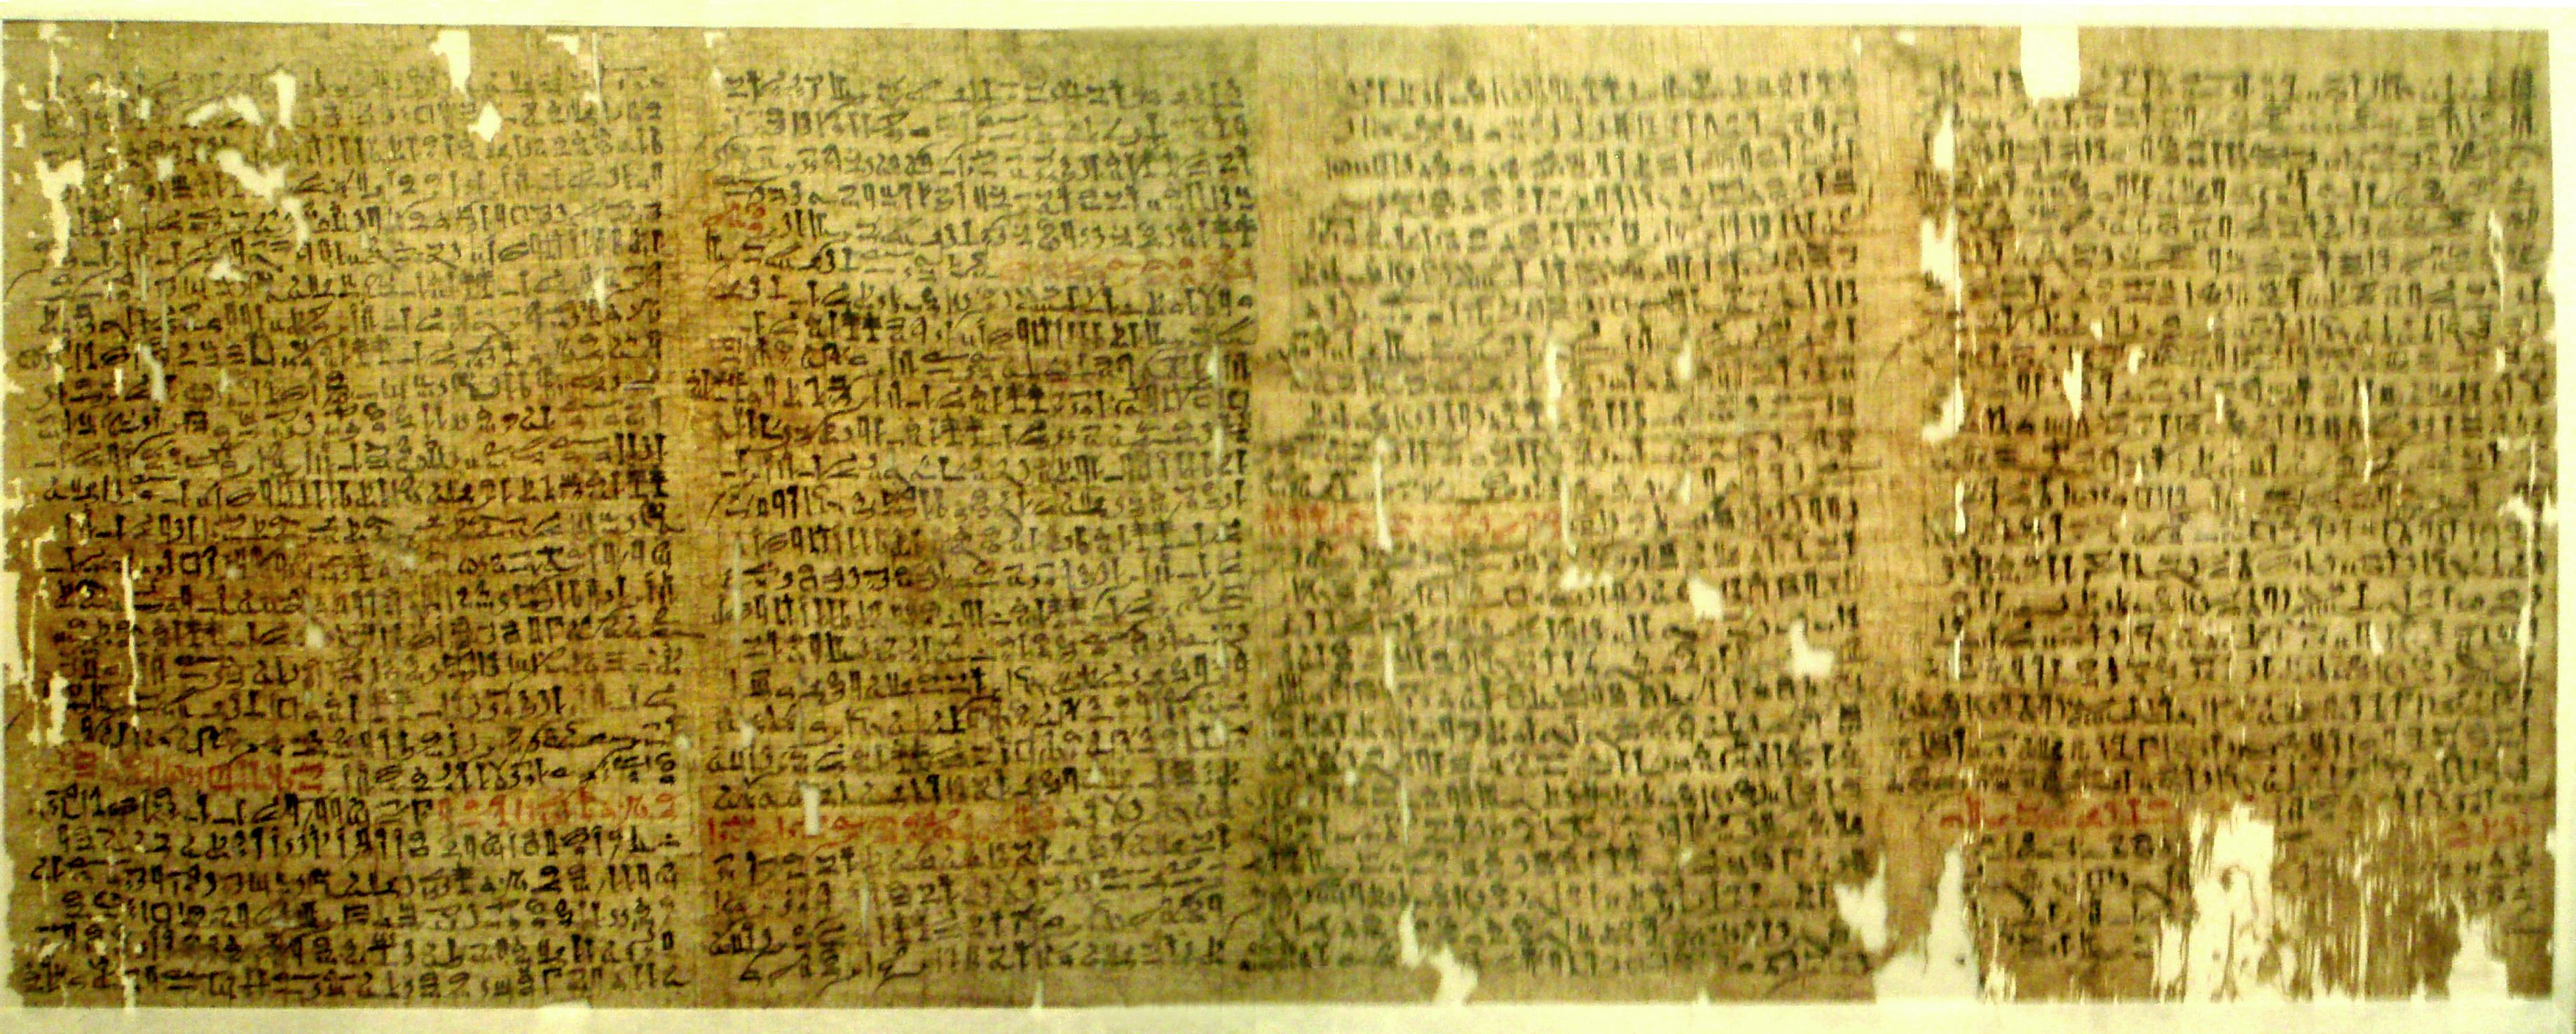 Фрагментированный папирус с немного порванными краями и иератическим почерком в красных чернилах